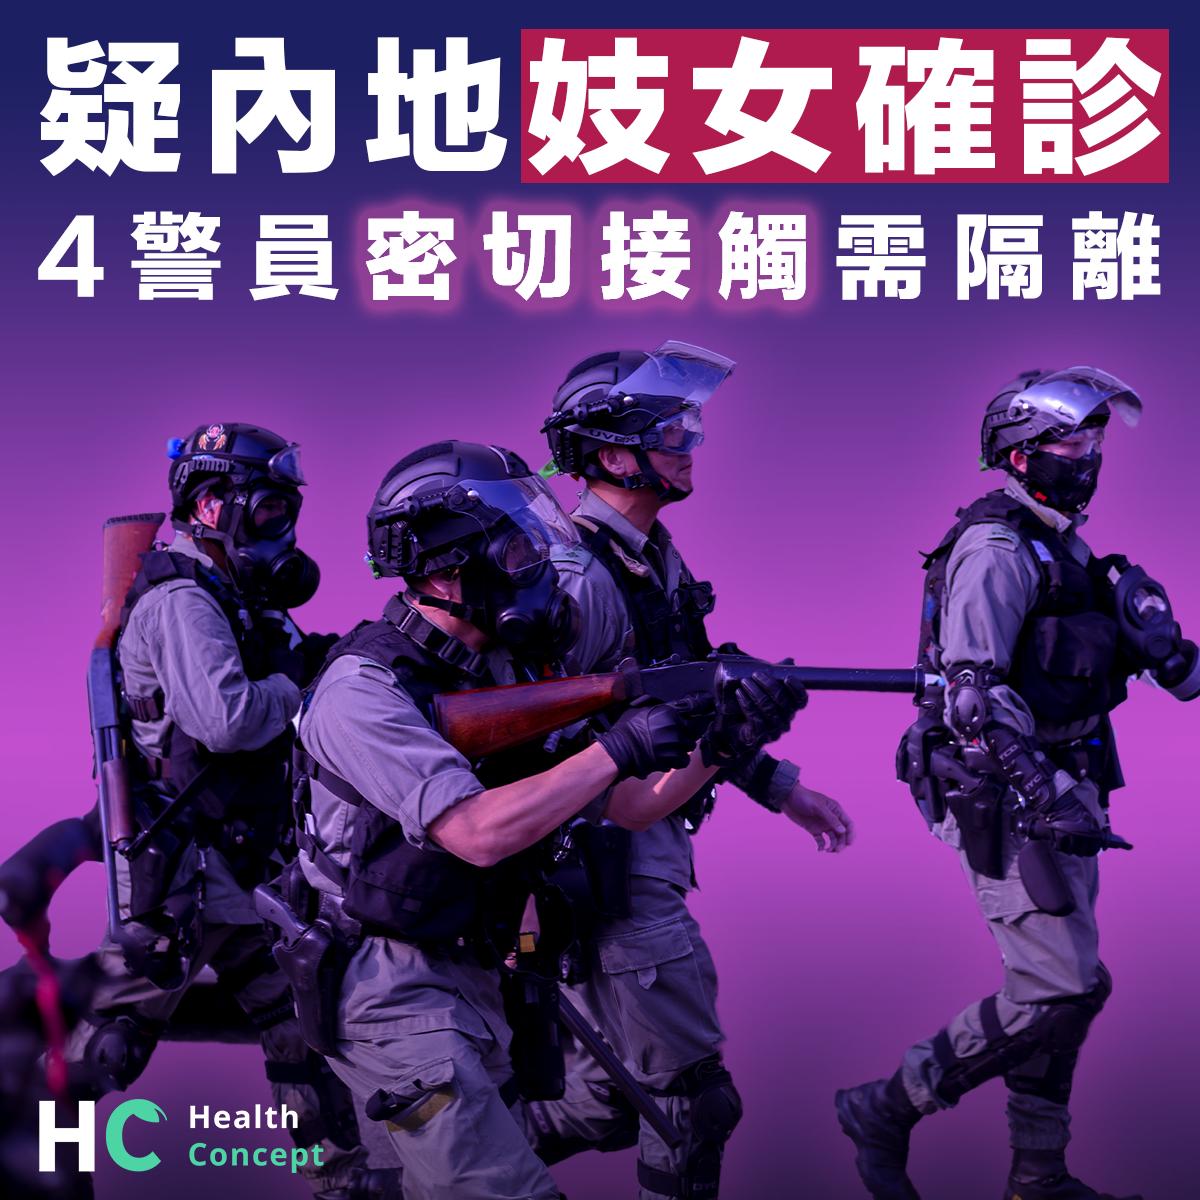 疑內地妓女確診,4警員密切接觸需隔離